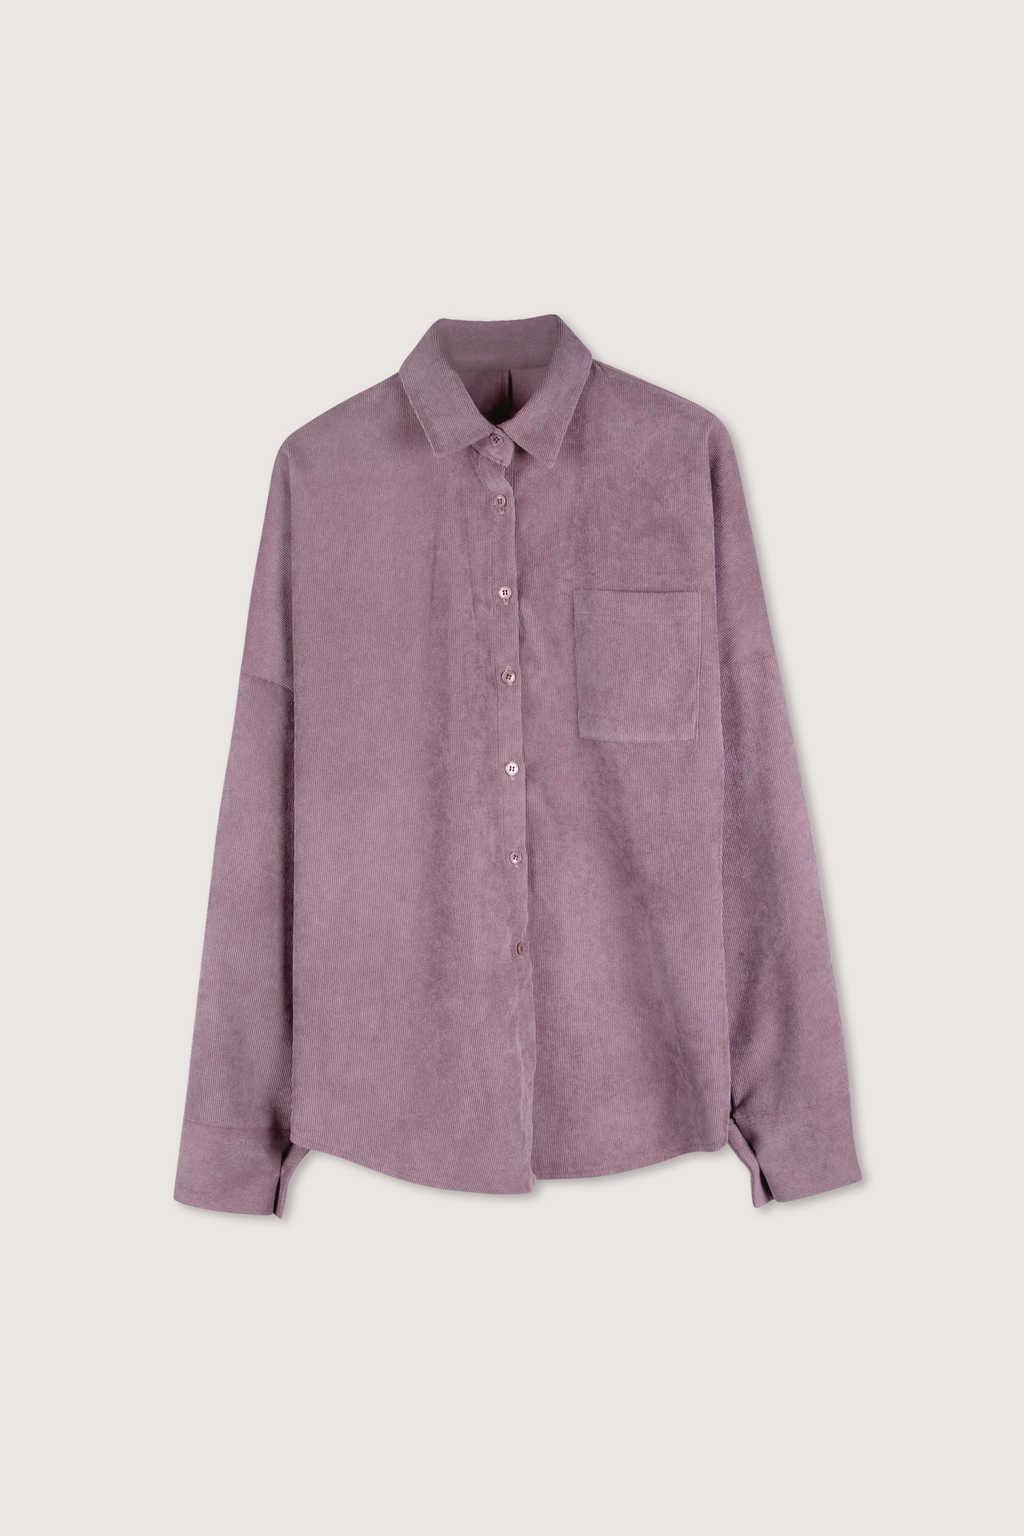 Blouse H356 Purple 7